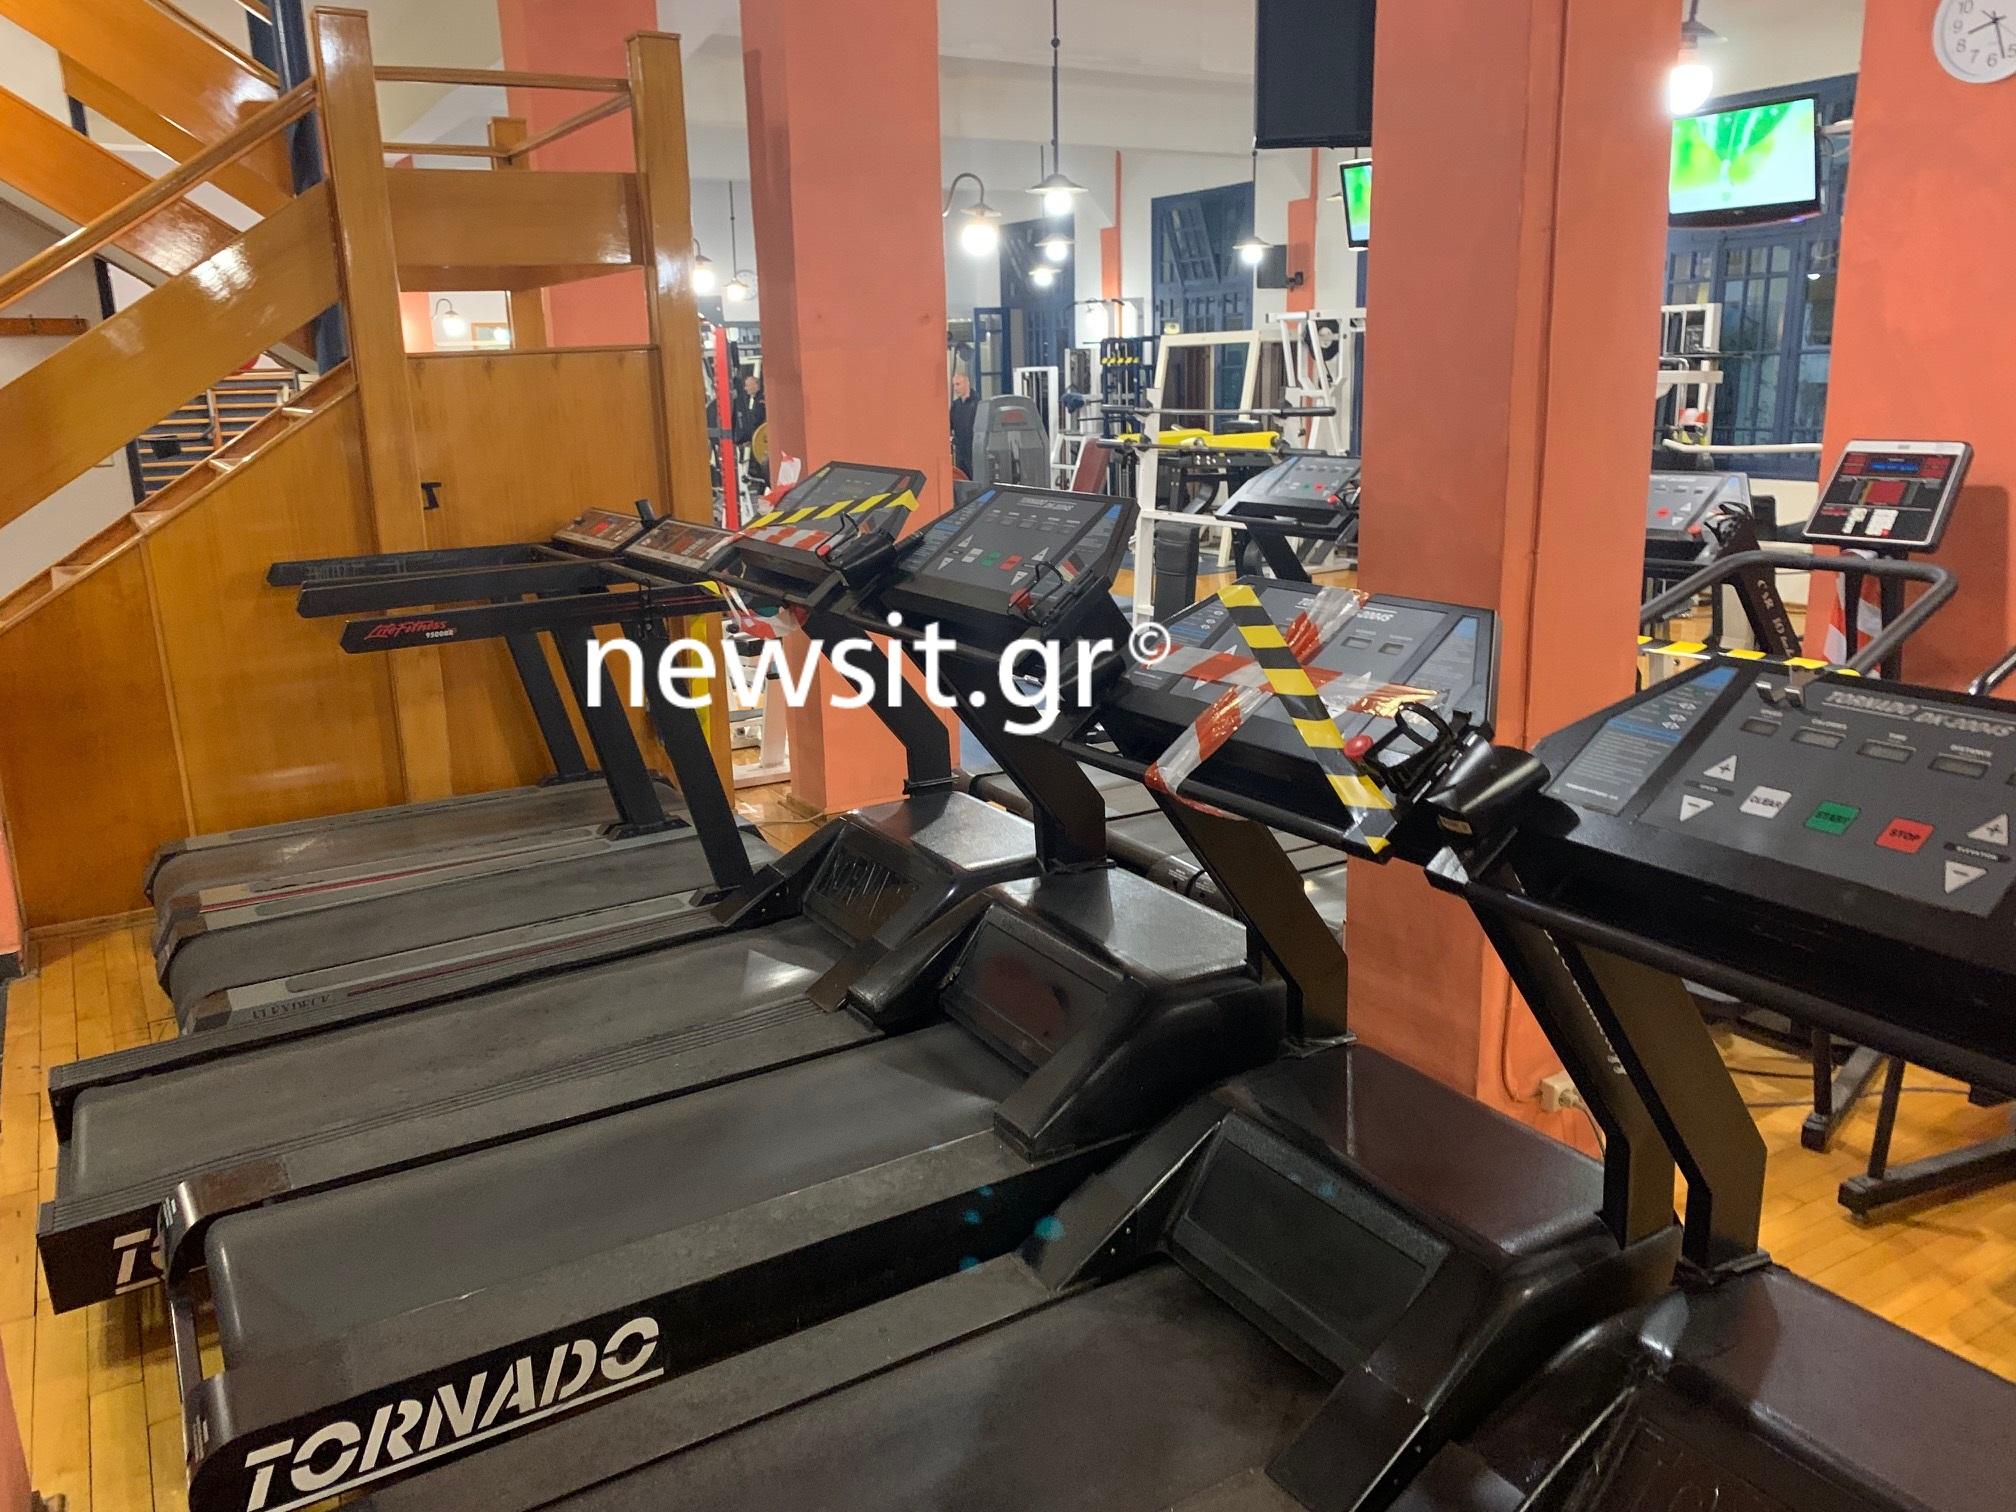 Κορονοϊός: Τα νέα μέτρα… ισοπεδώνουν τα γυμναστήρια – Κραυγή αγωνίας από ιδιοκτήτες και επαγγελματίες